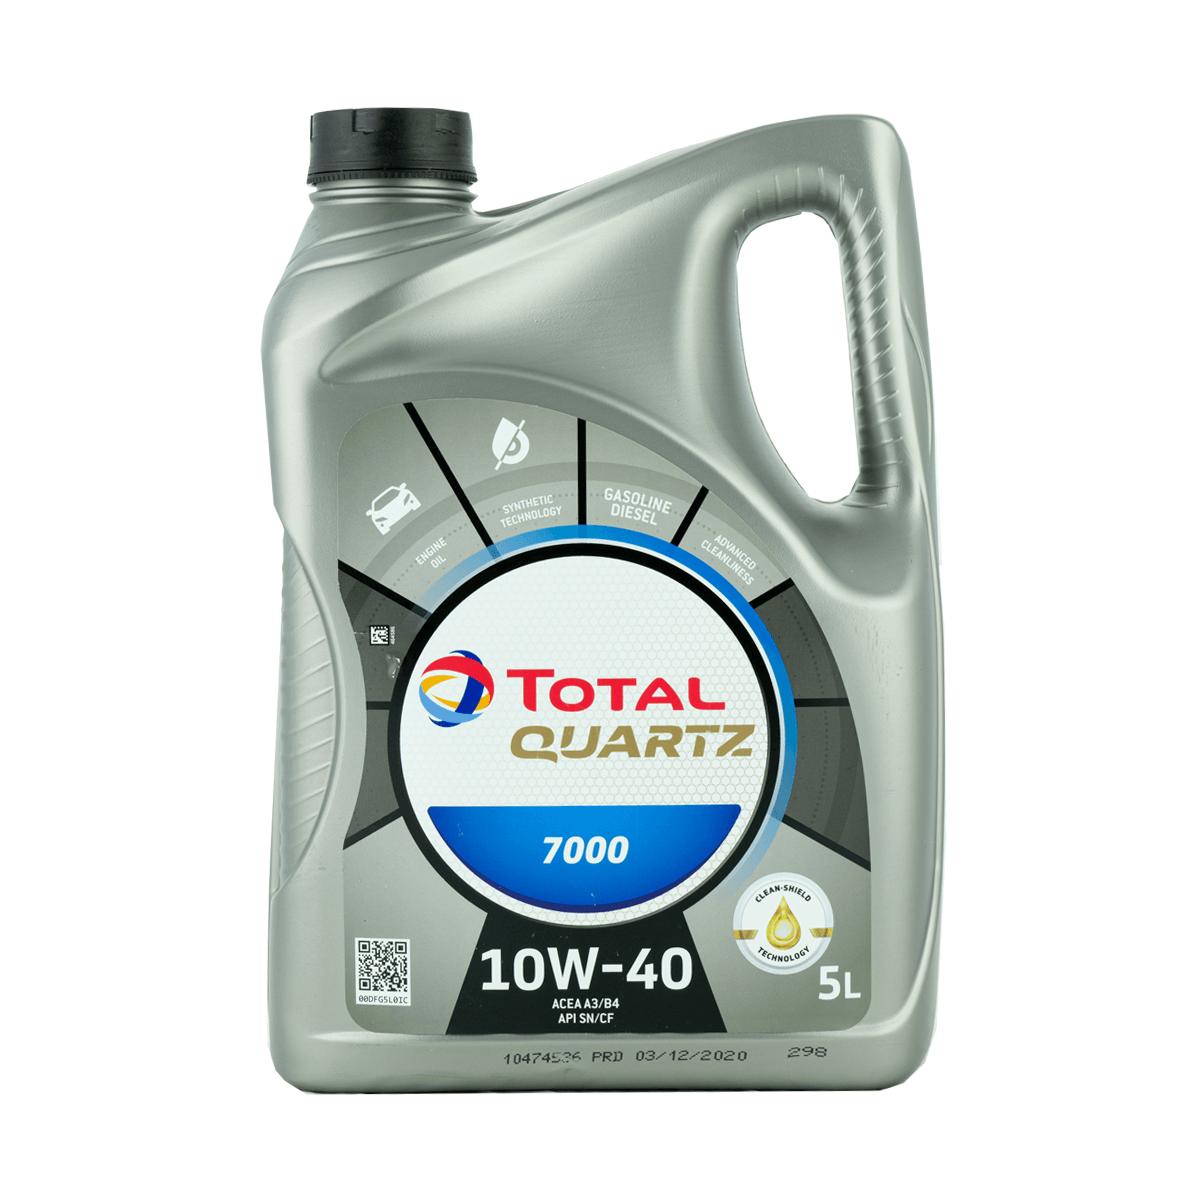 Total Quartz 7000 10W-40 (SN) Motoröl, 5l